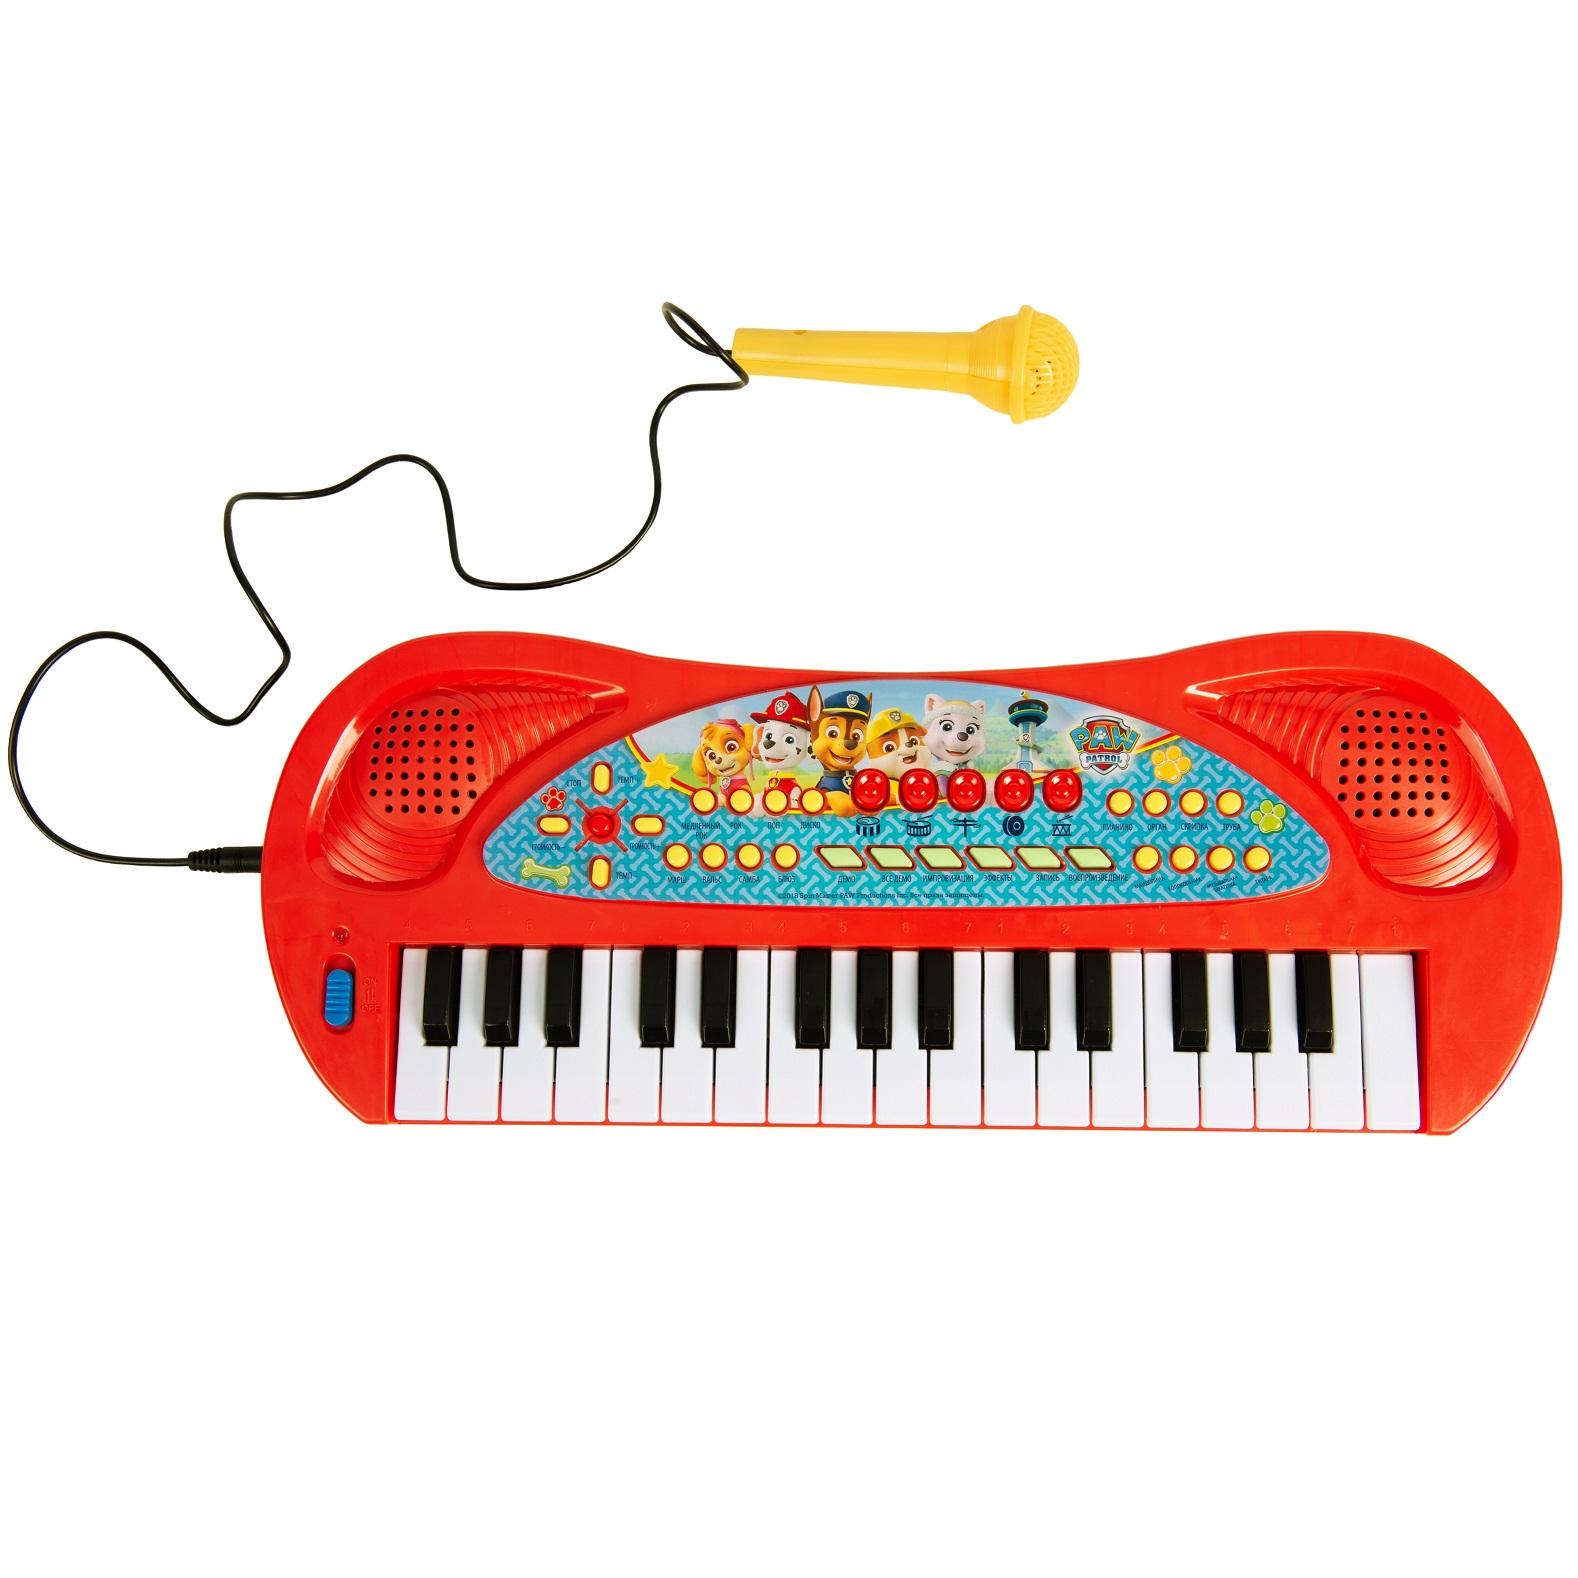 Купить Игрушечный синтезатор с микрофоном ™ Paw Patrol - Щенячий патруль, Росмэн